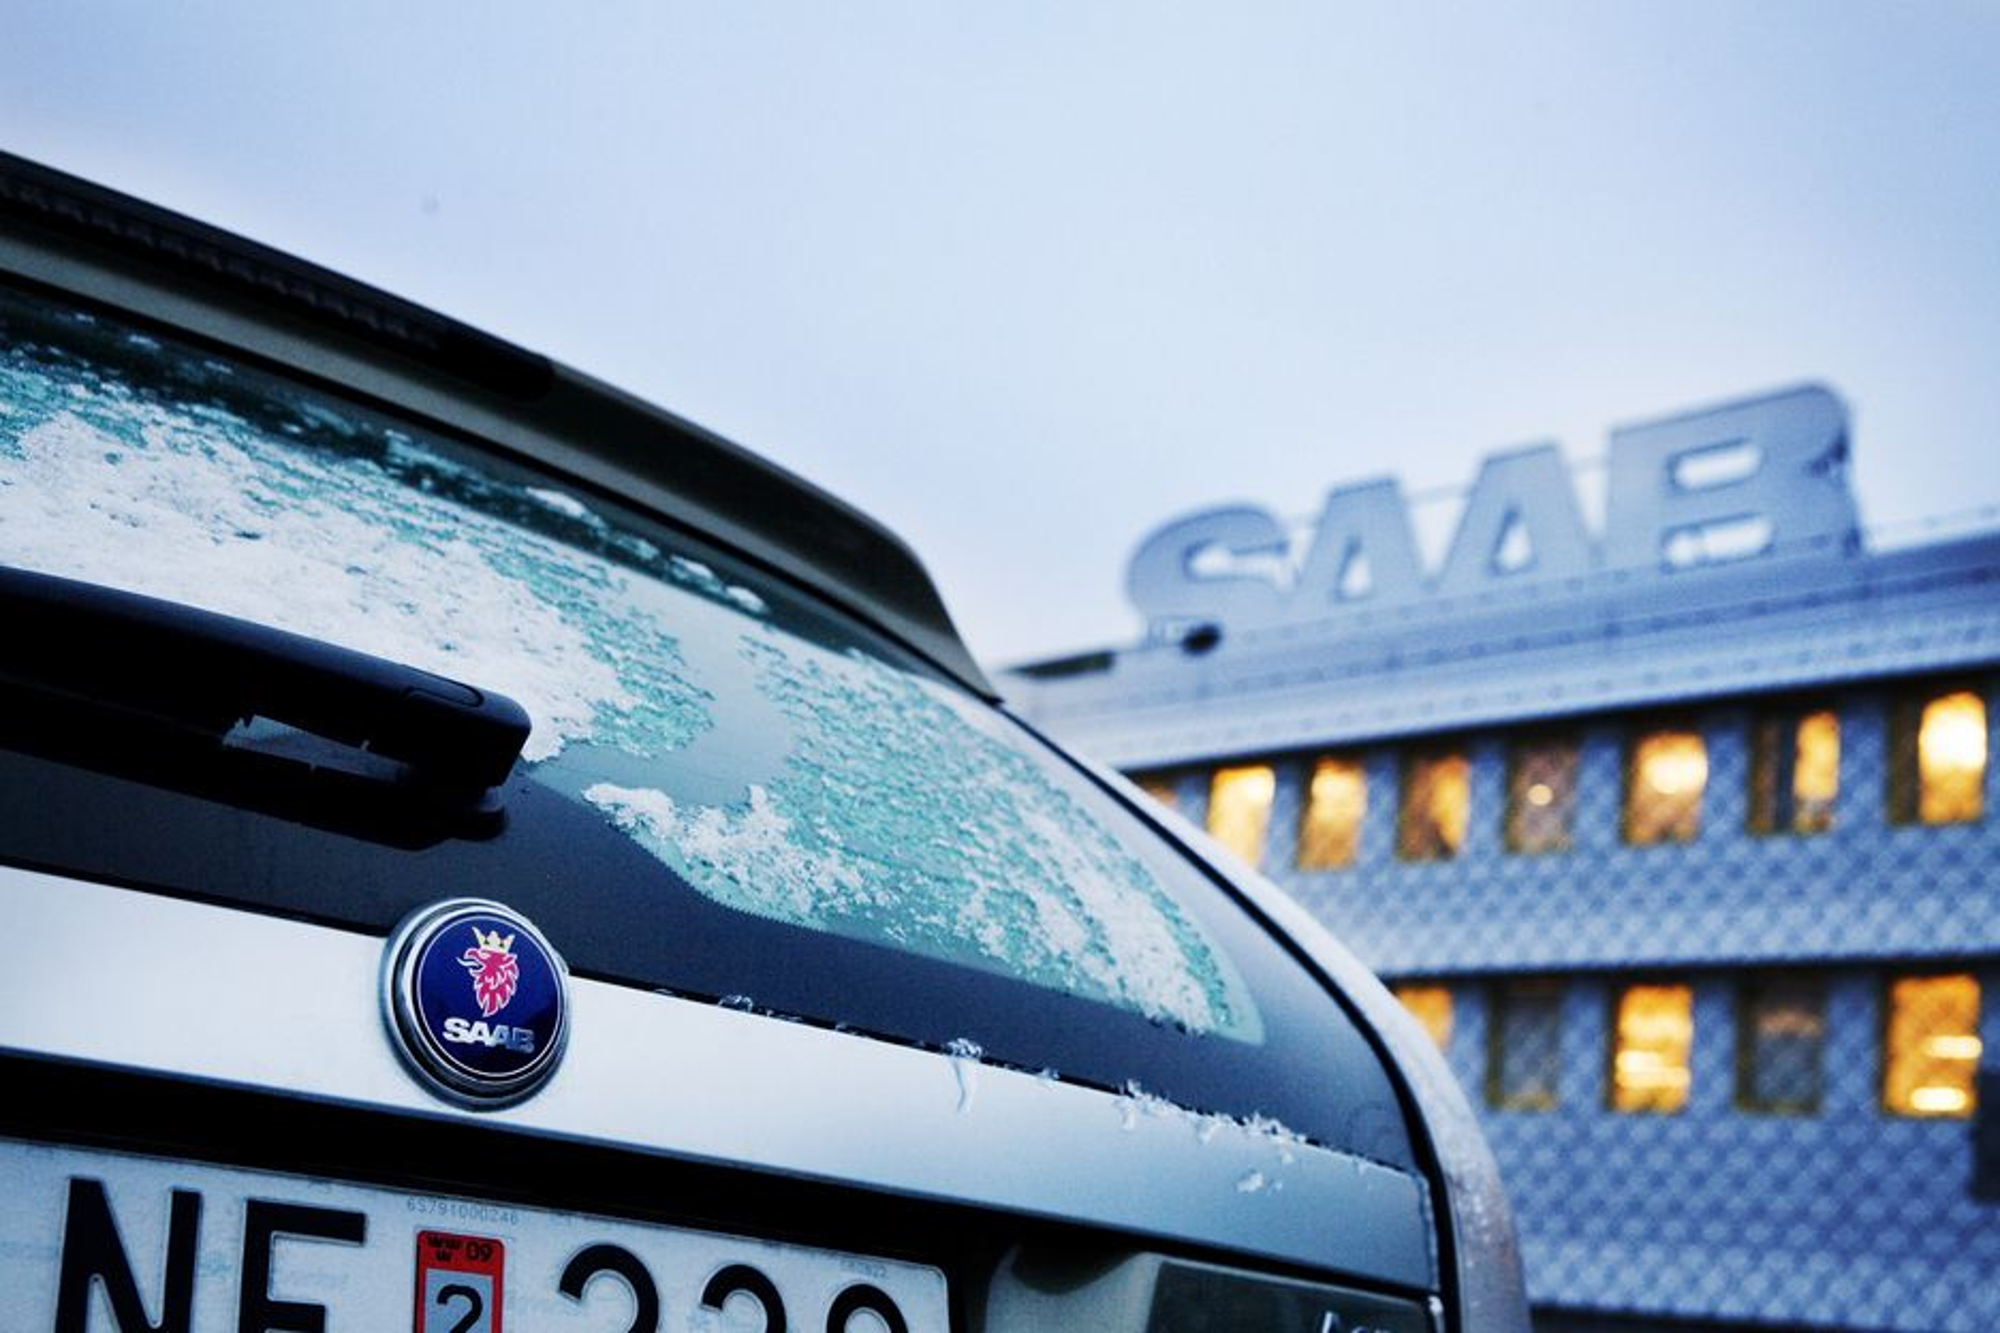 SNART NORSK?: Den norske regjeringen har allerede besøkt Saab-fabrikken i Trollhättan, melder avisa Expressen.